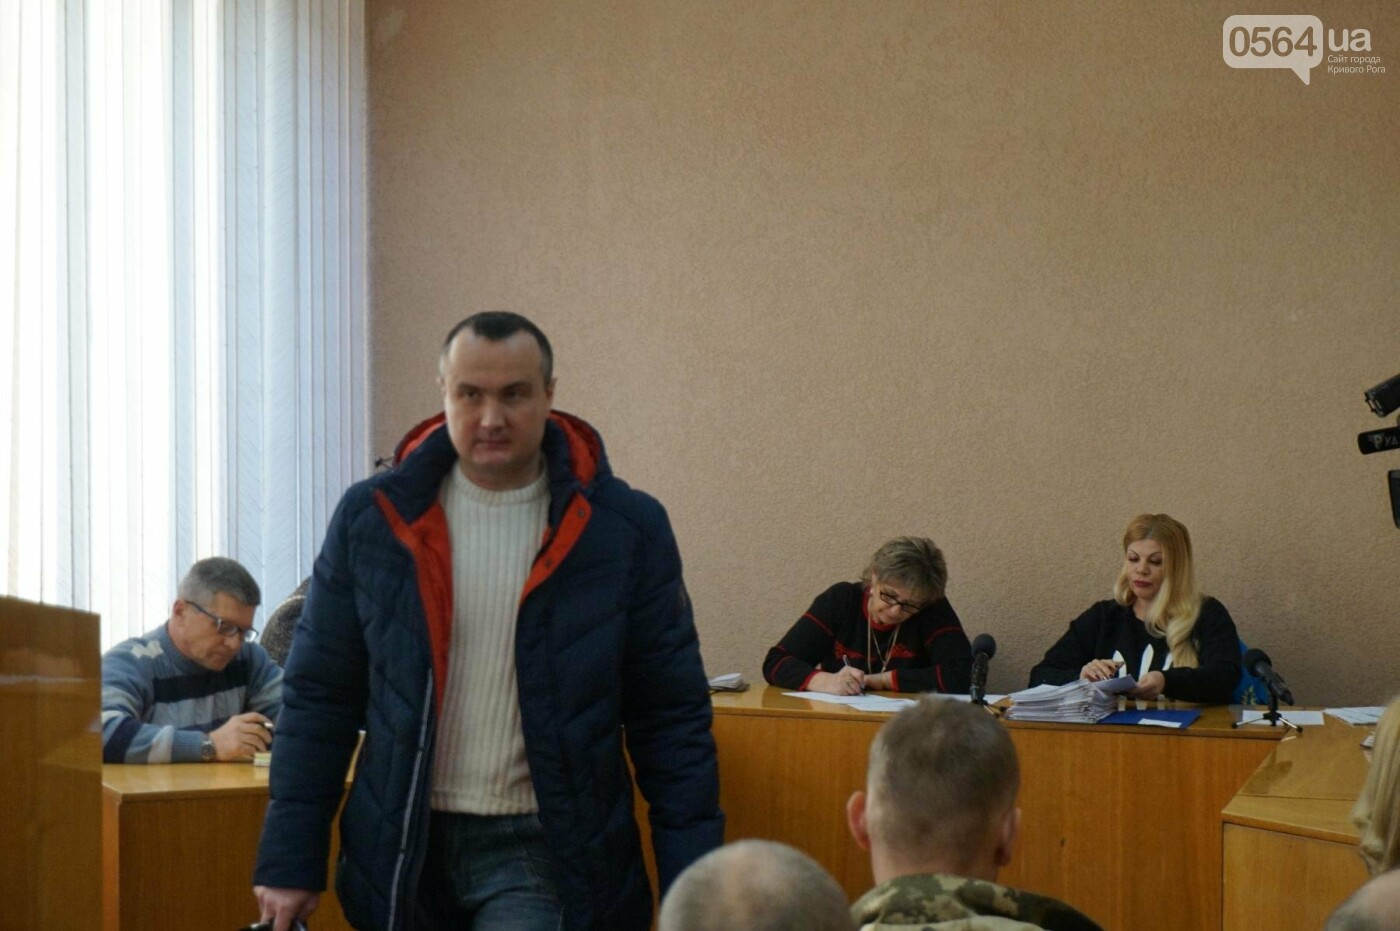 В Кривом Роге 52 бойца АТО получили землю под строительство жилья (ФОТО), фото-5